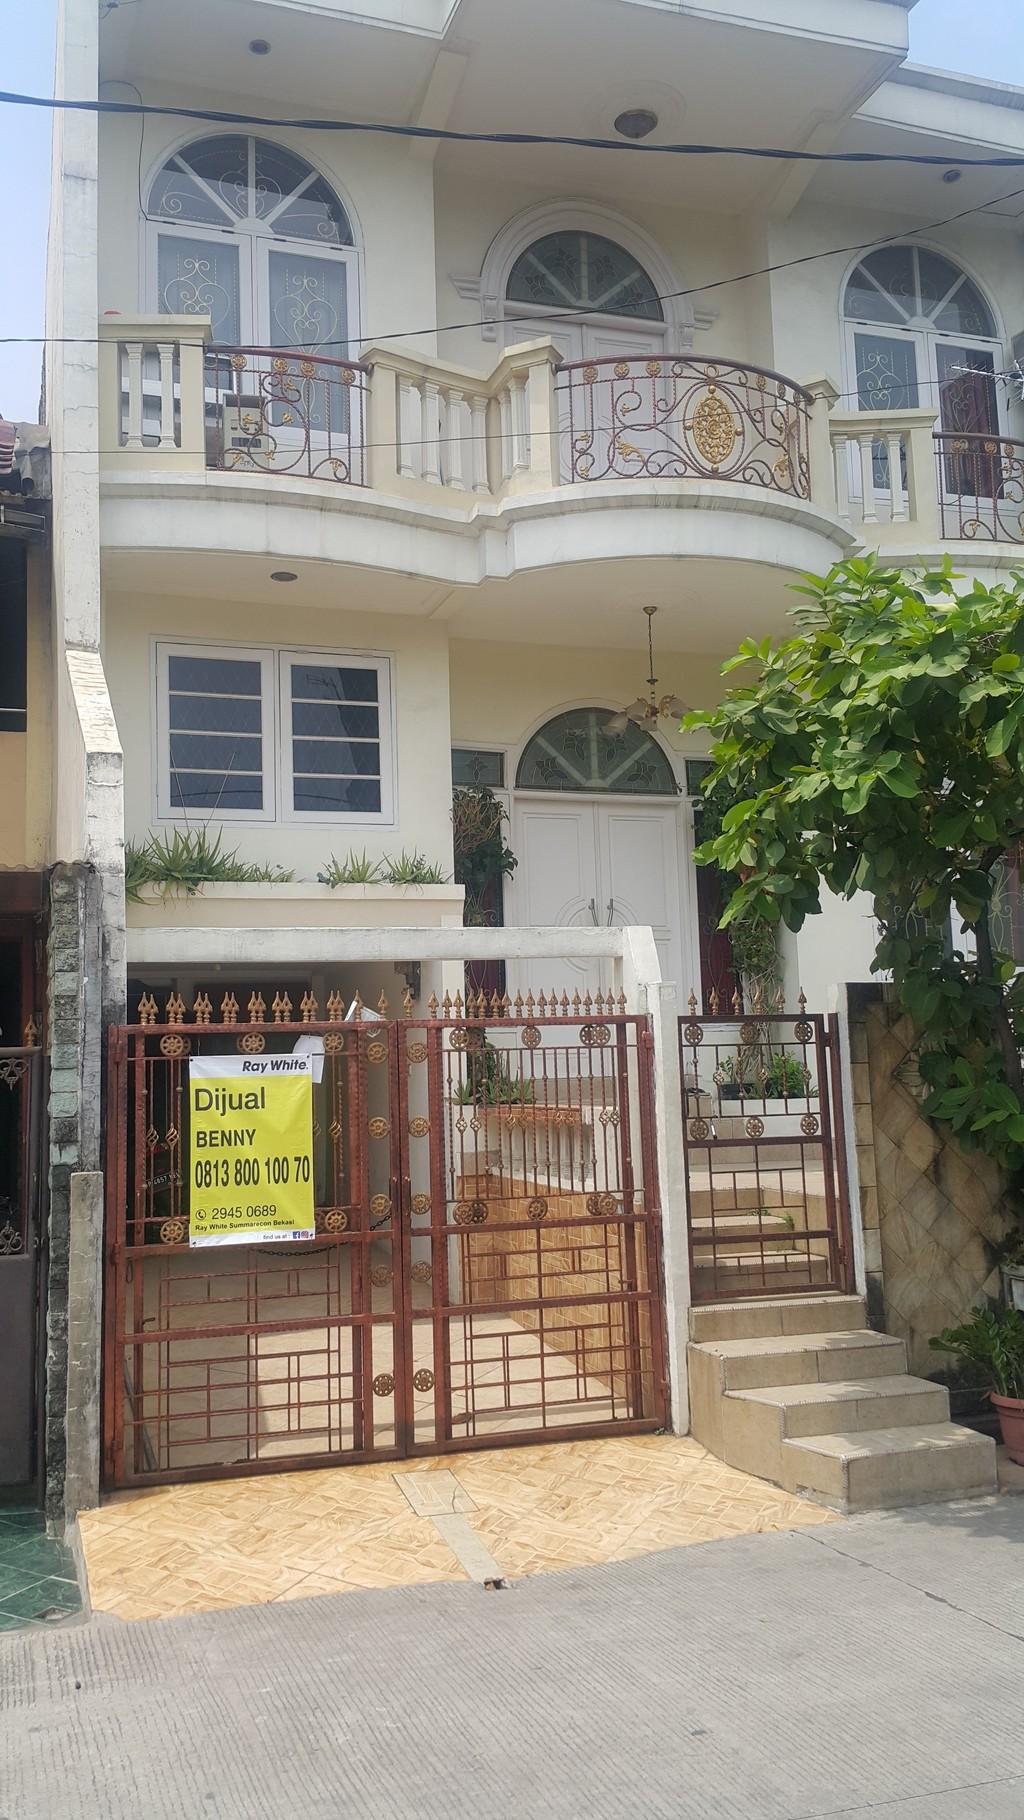 Rumah Mewah 2 Lantai di Villa Taman Kartini Harga Rp.1.2 M-an